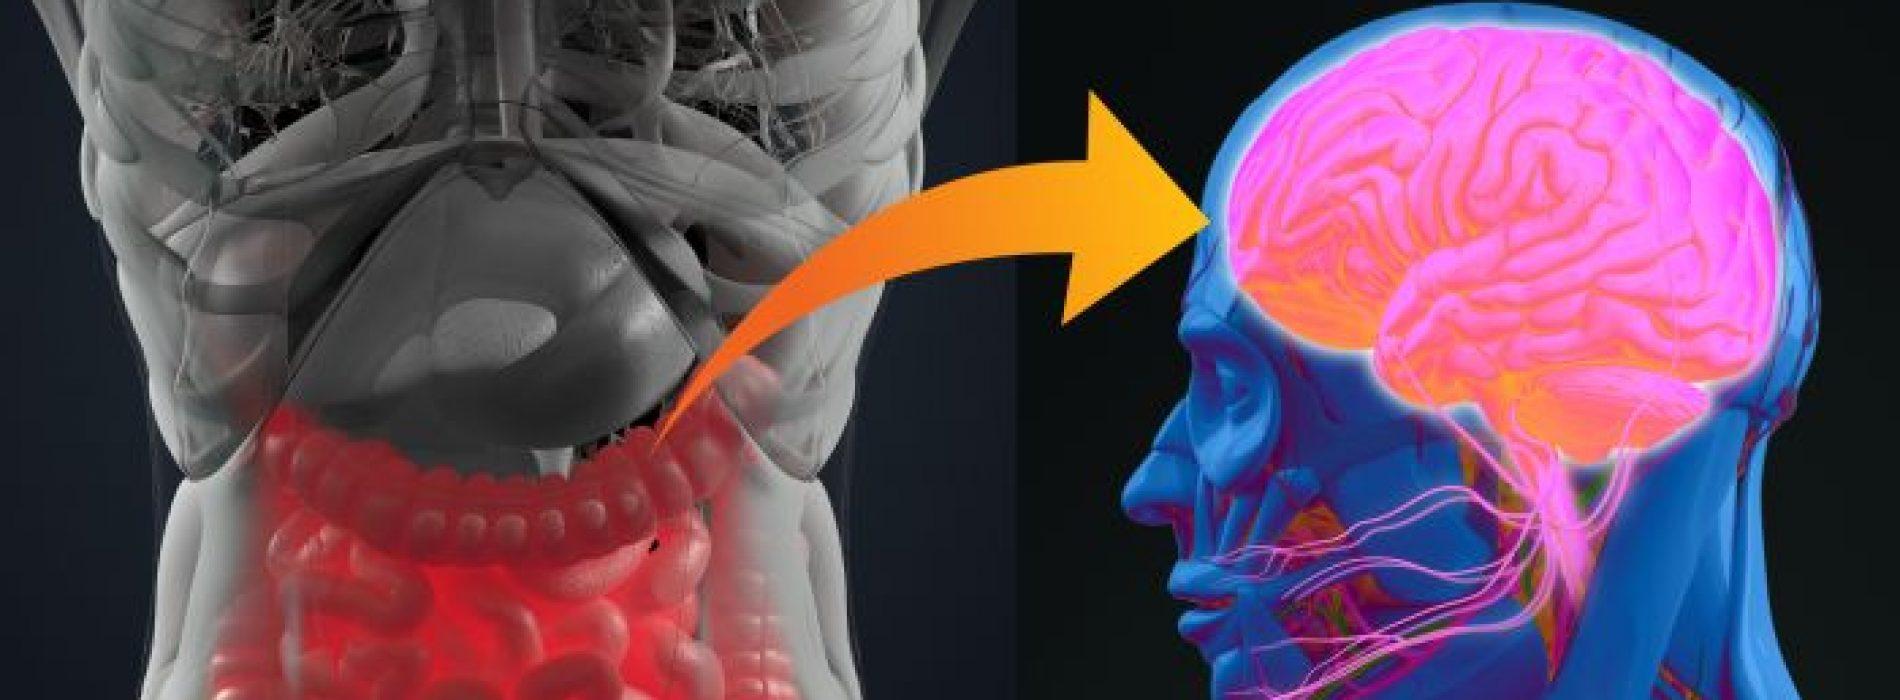 Mogelijk verband tussen darmbacteriën en ADHD